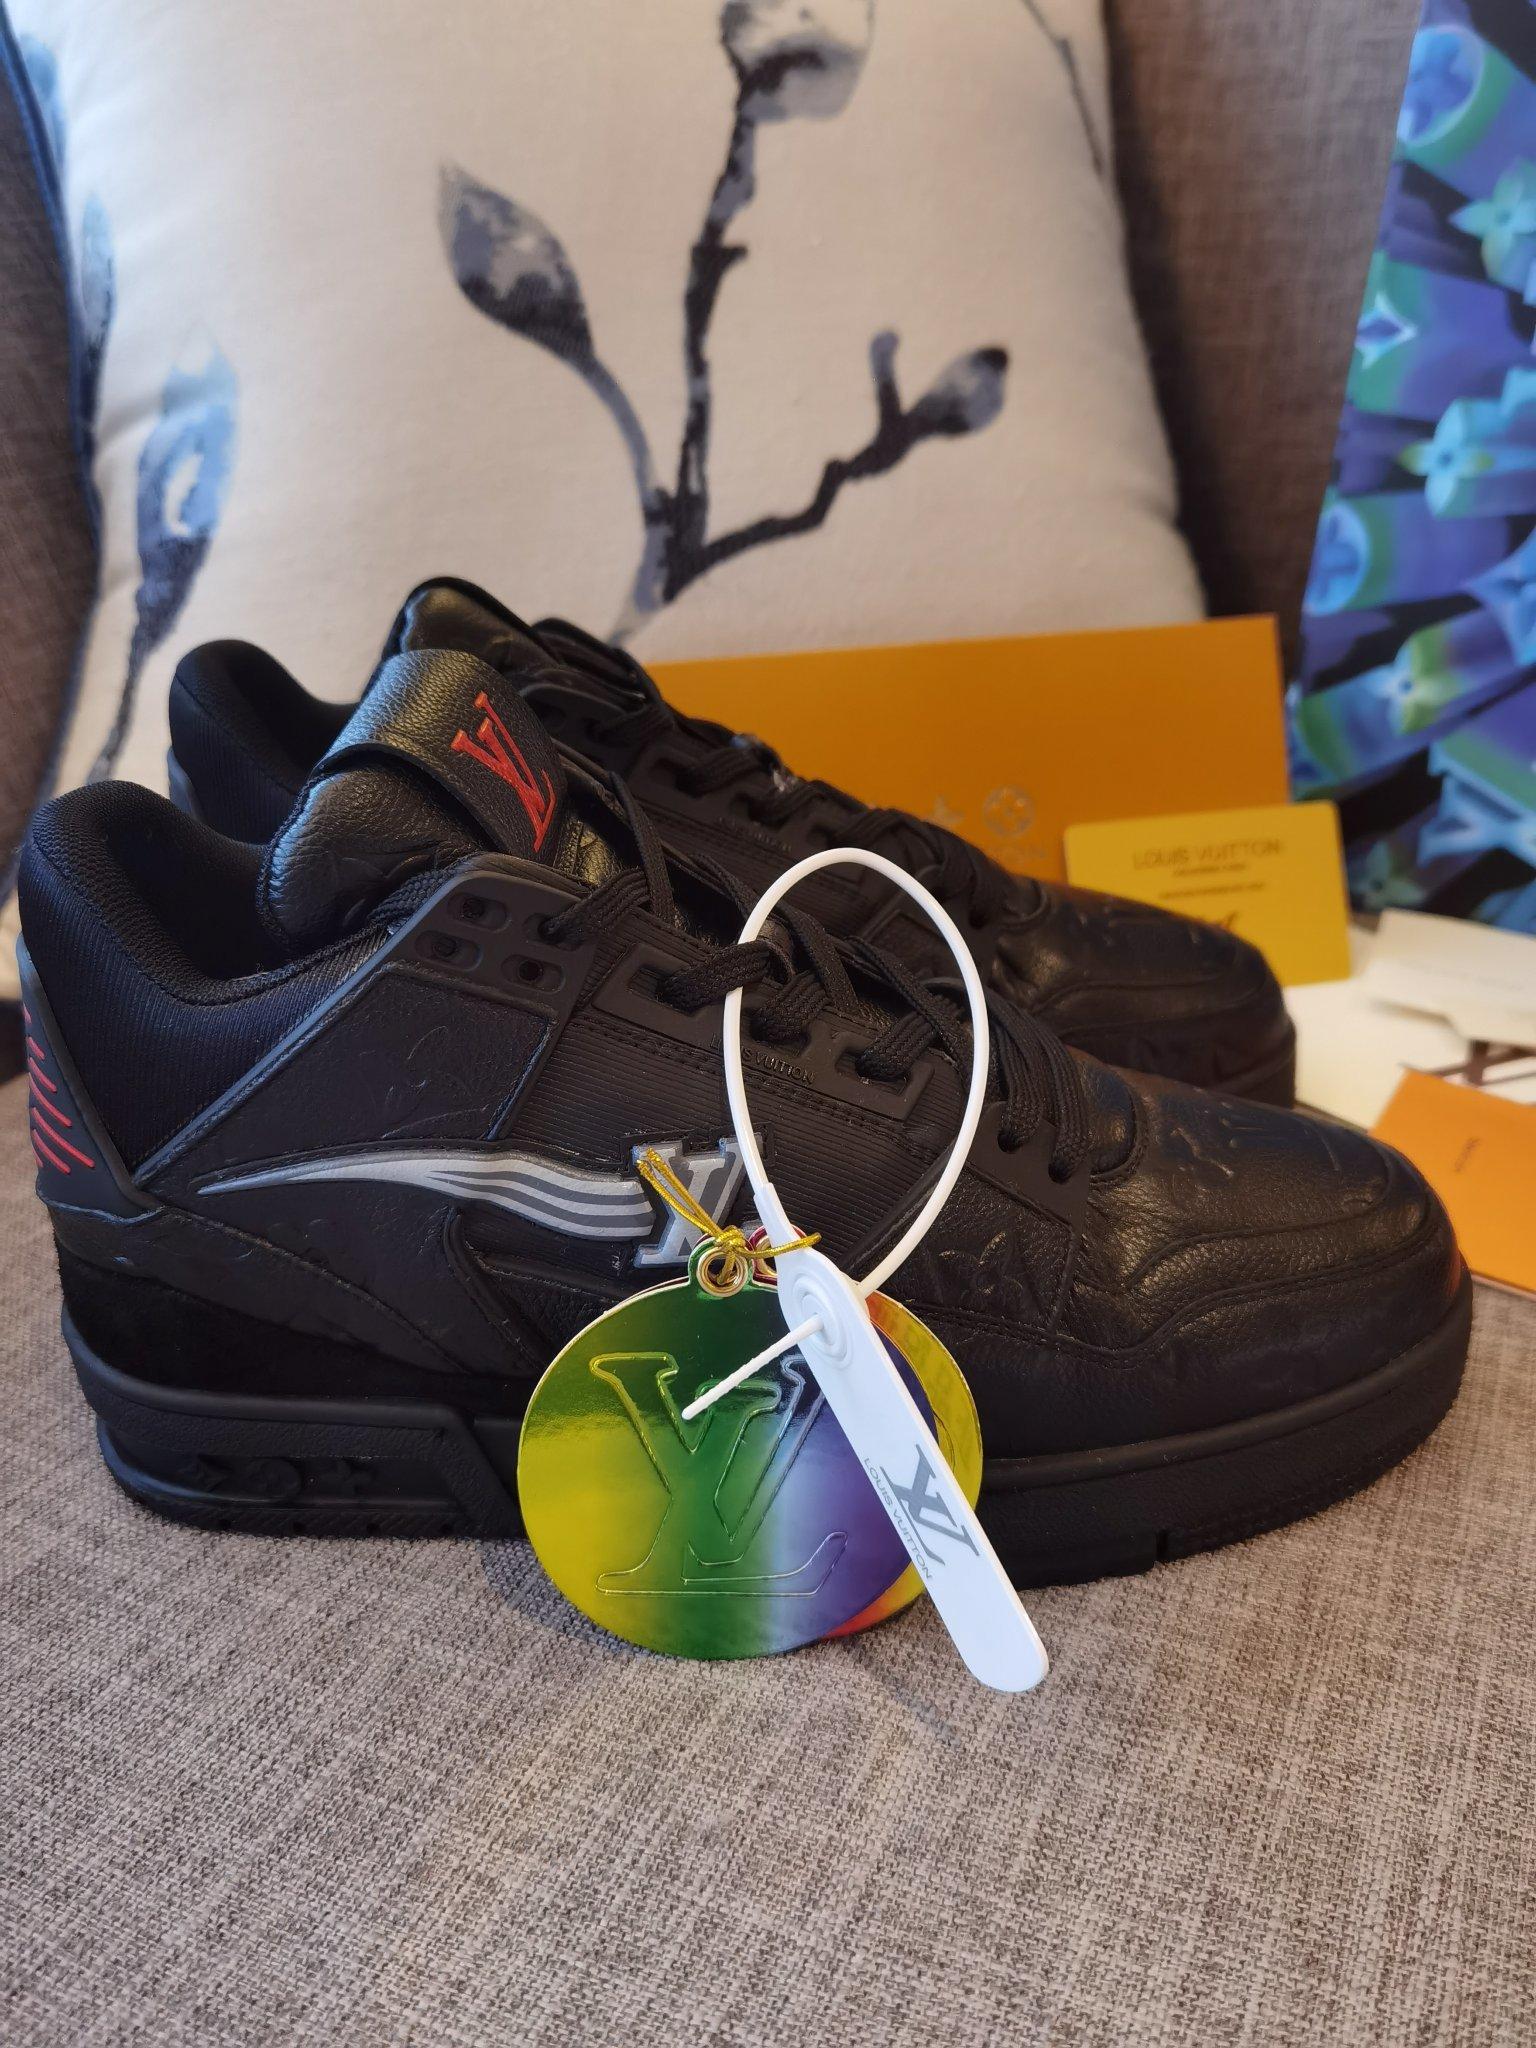 LV Trainer 运动鞋